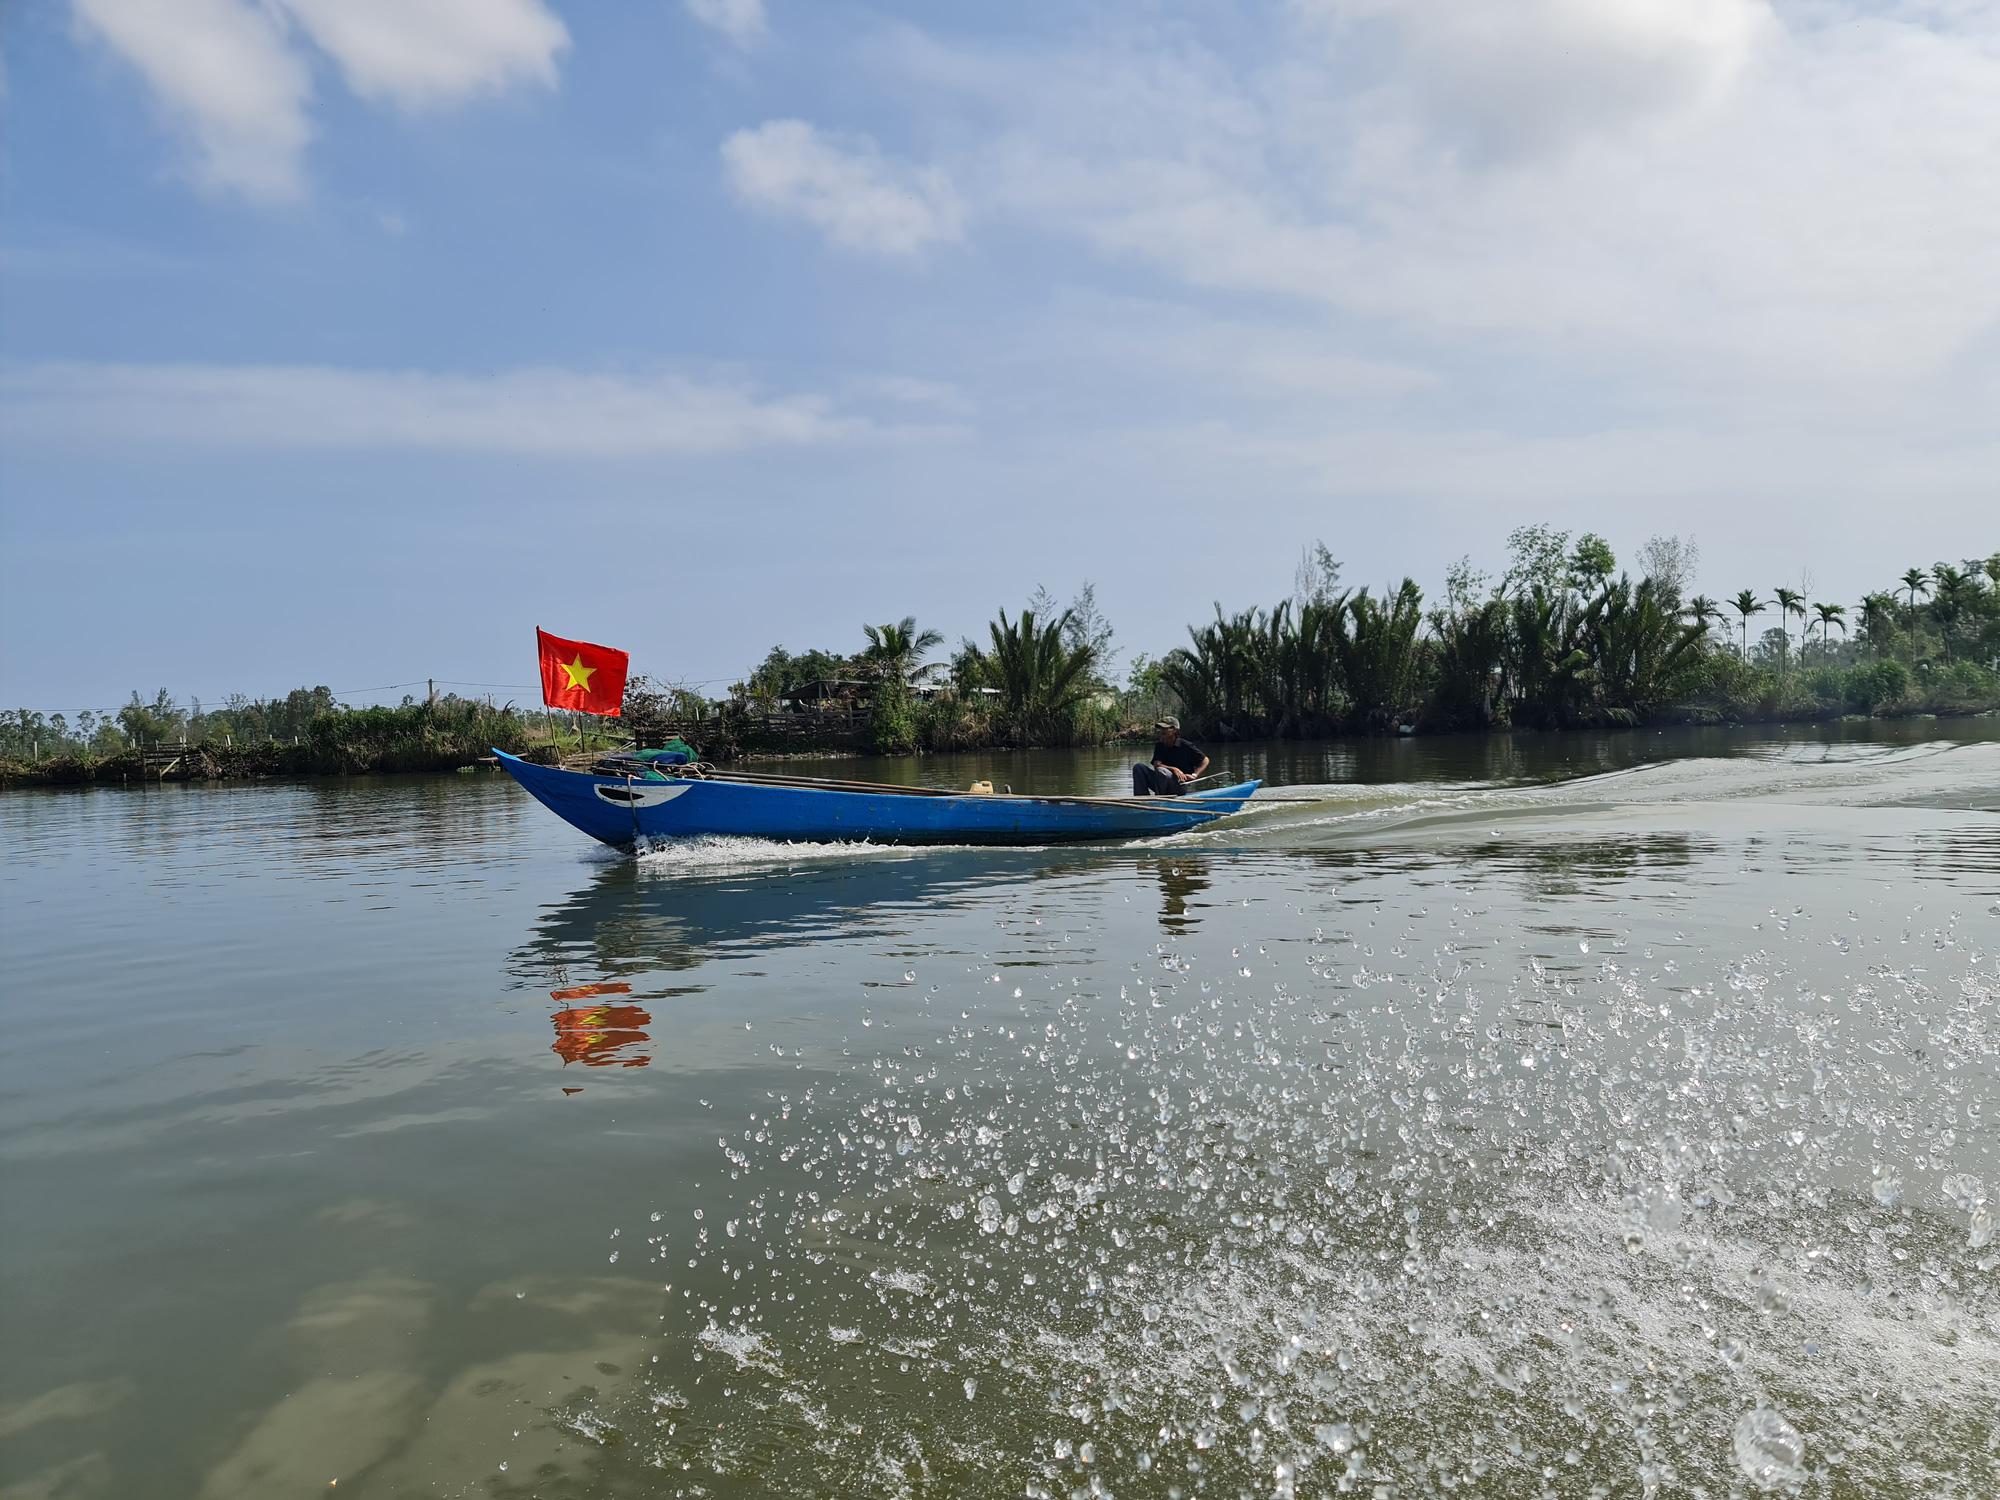 """Quảng Nam: Cắm cờ đỏ sao vàng trên ghe, dân làng nghề  """"bạt sóng"""" lấy lộc đầu năm   - Ảnh 7."""